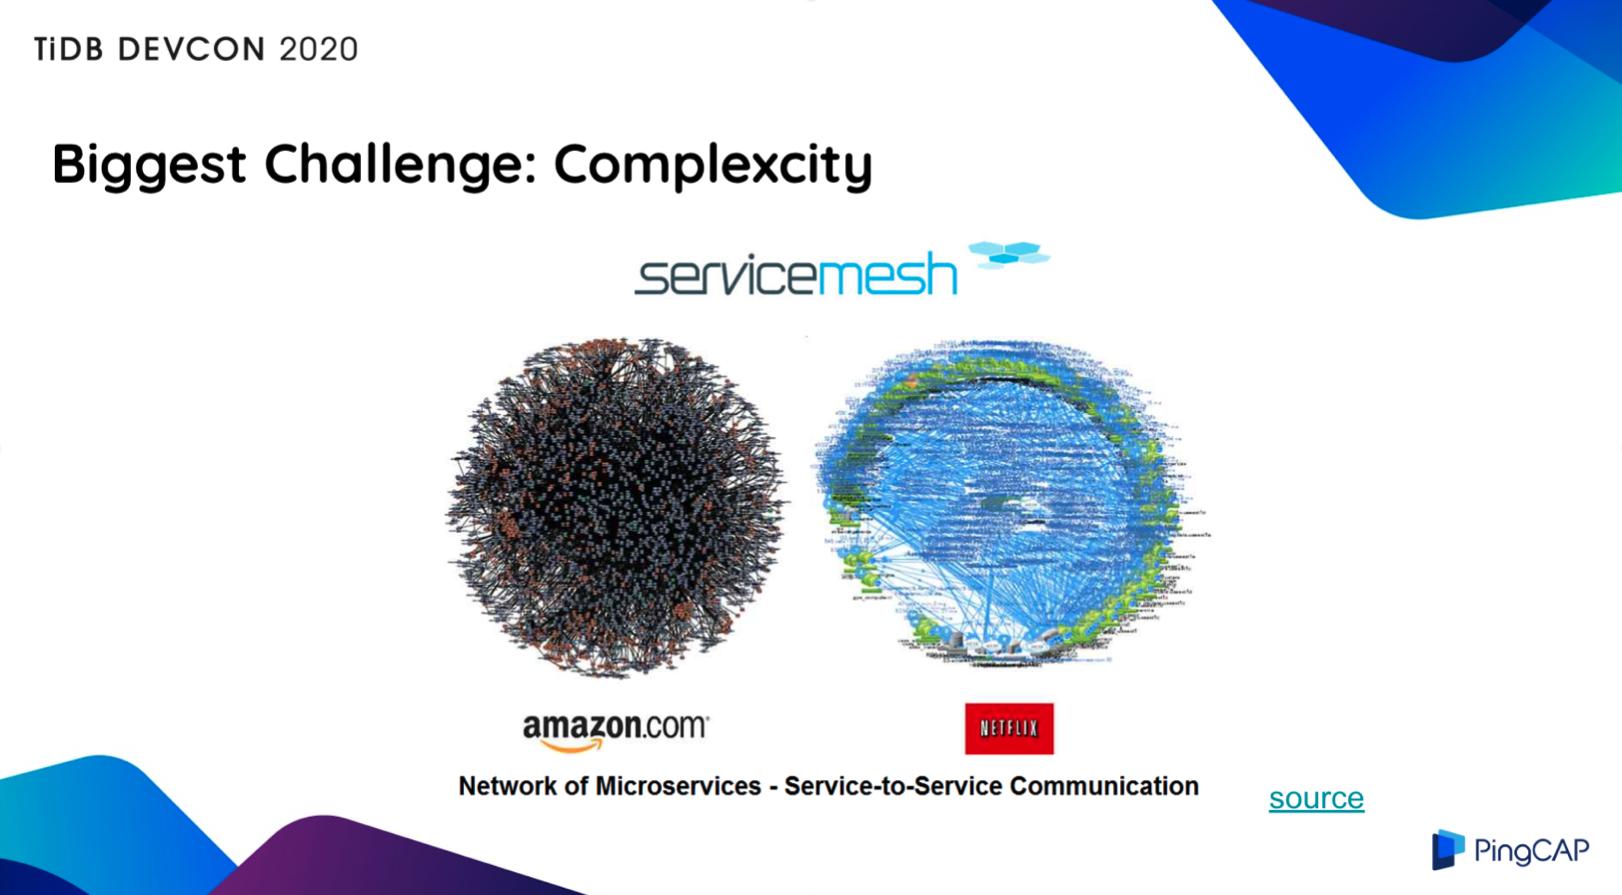 17-complexcity